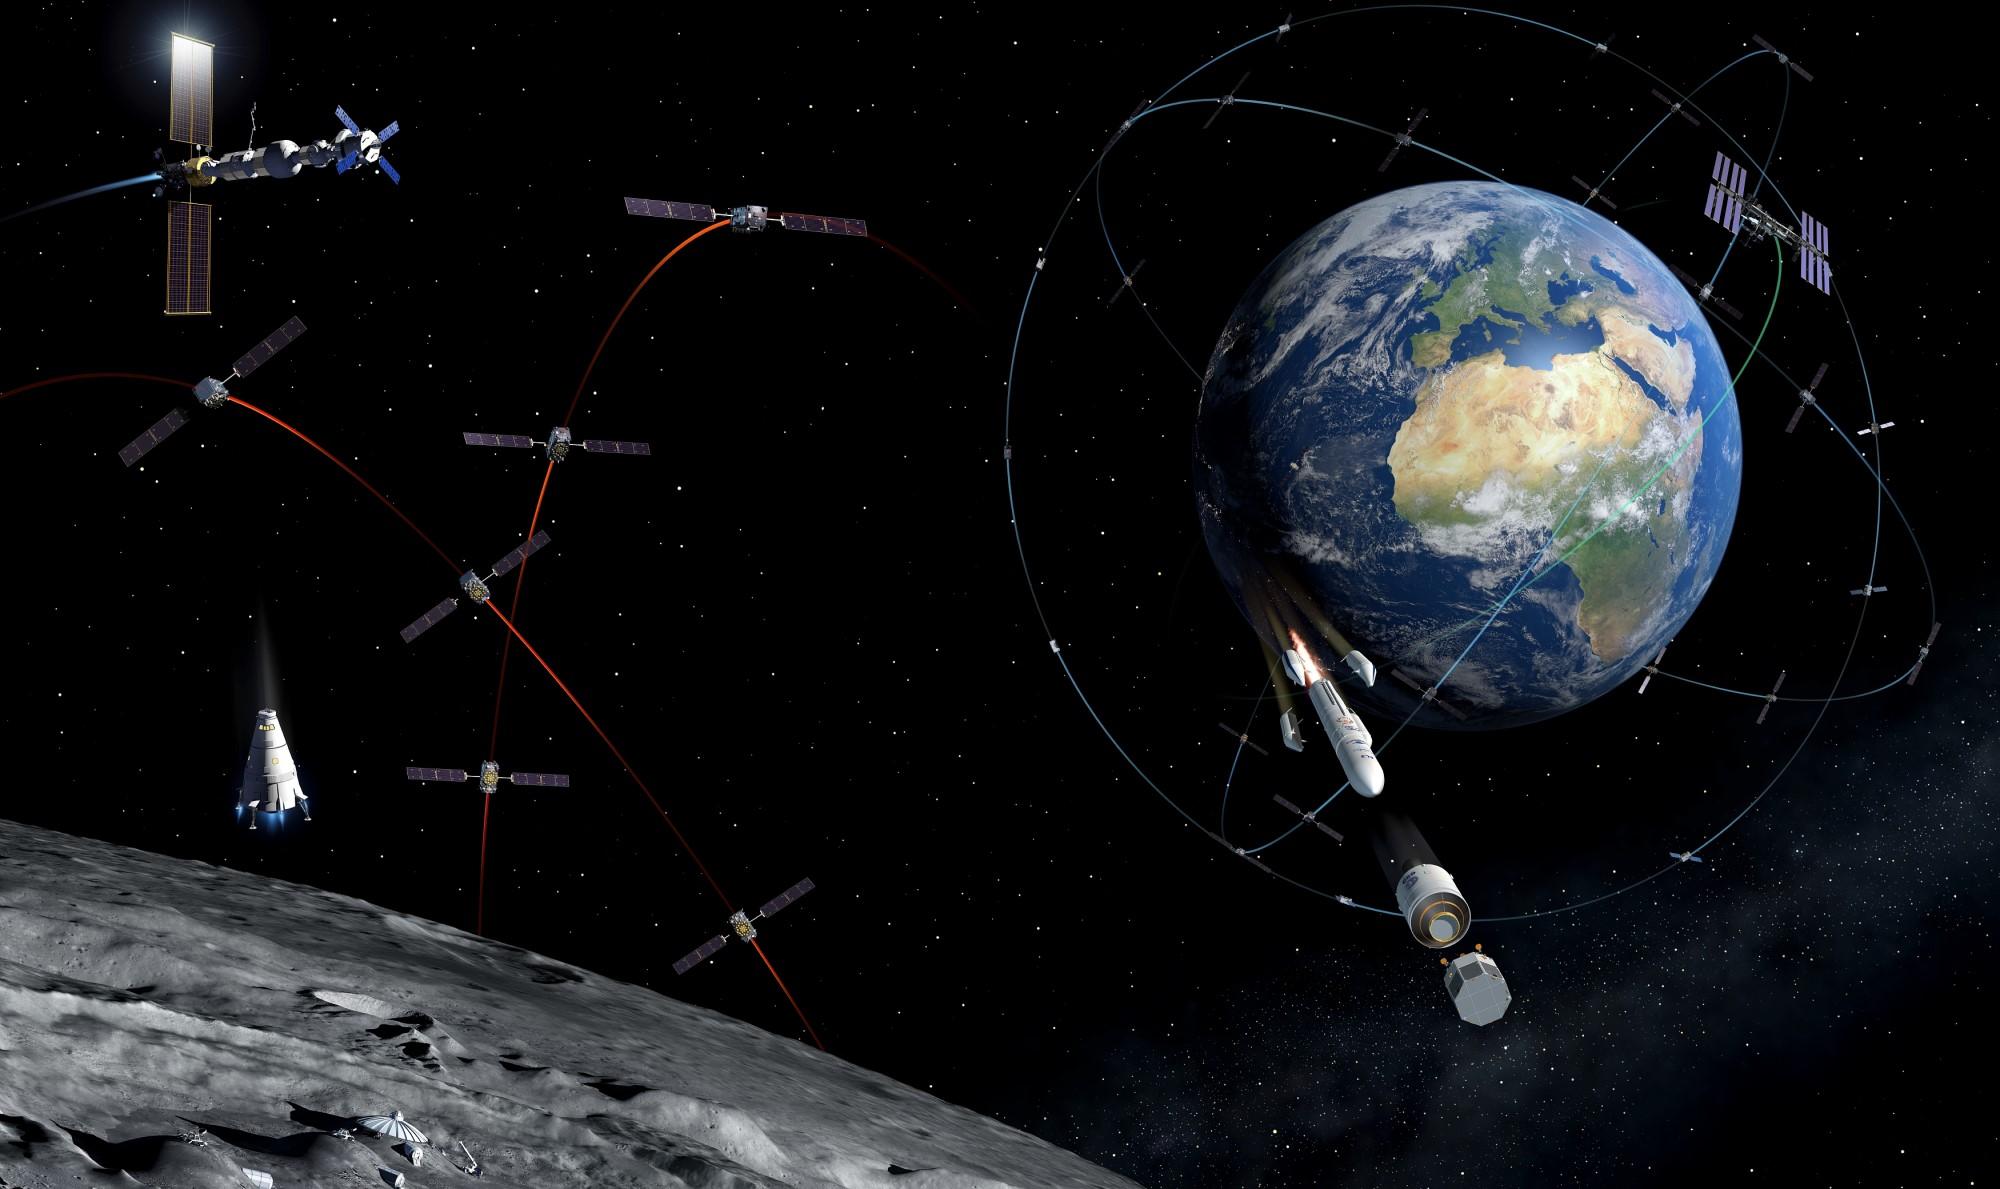 Lunar Pathfinder og Moonlight Initiative skal sørge for navigasjon og kommunikasjon ved månen. Illustrasjon: ESA